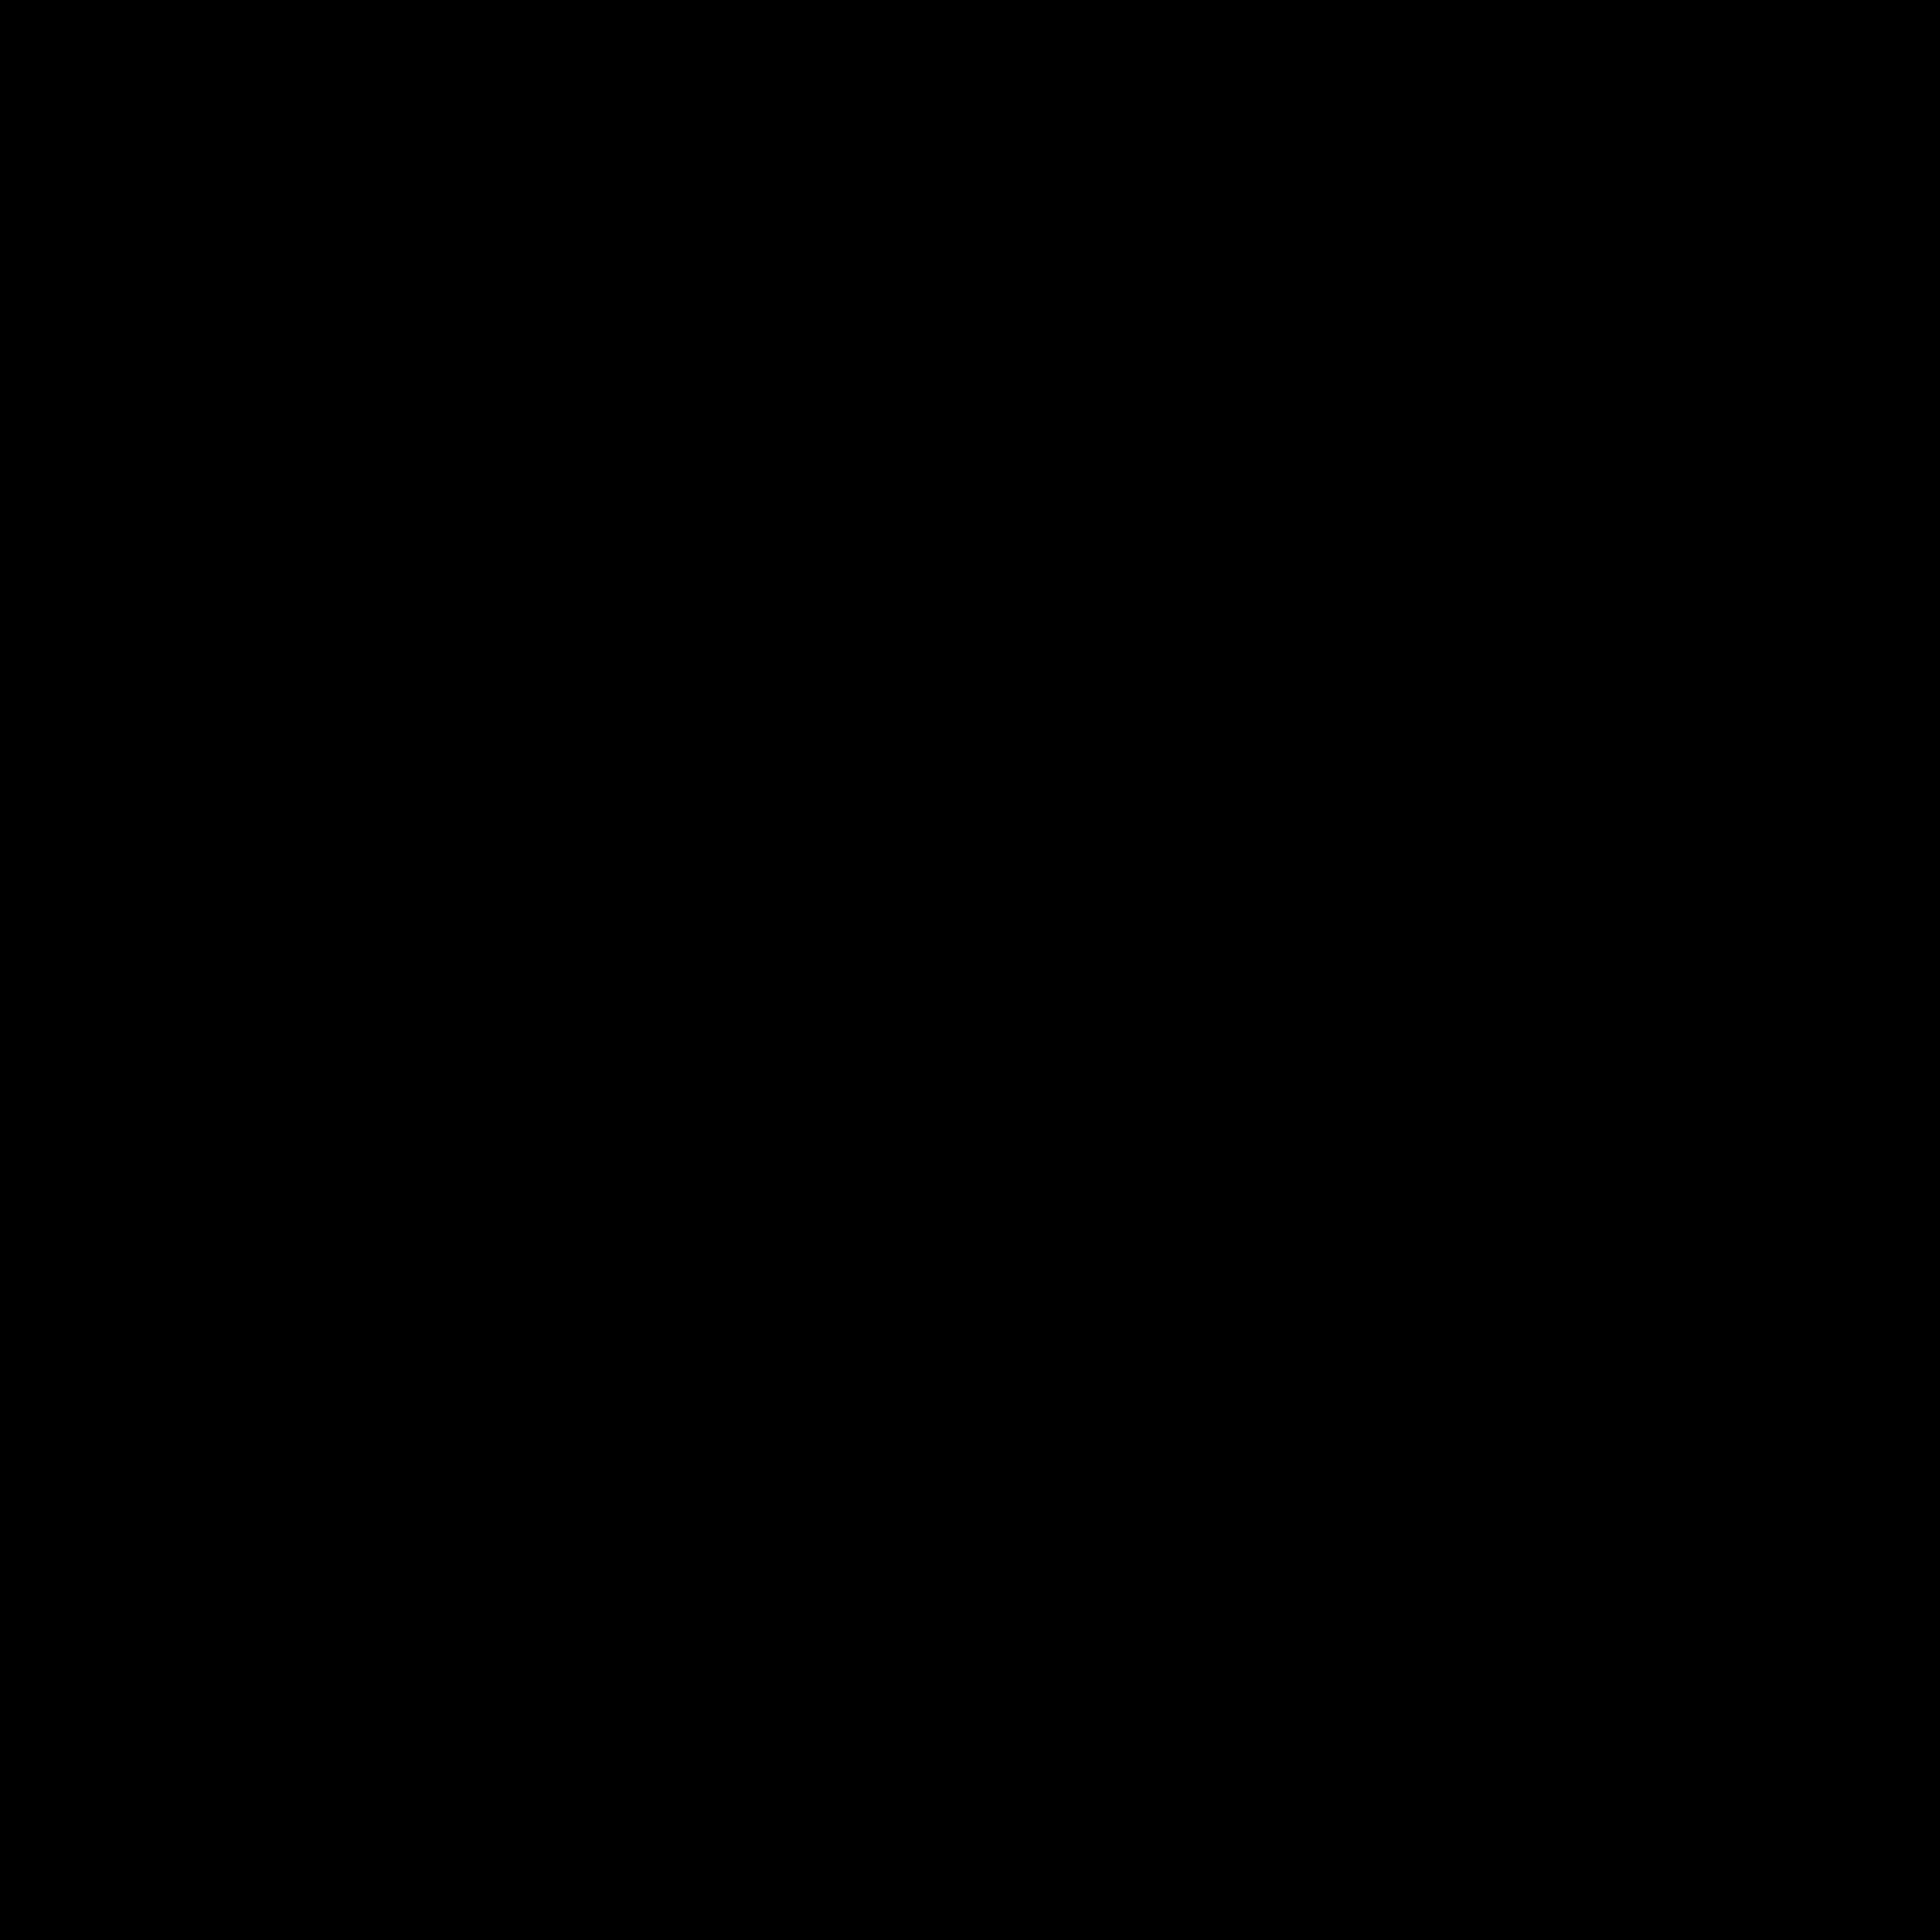 File:Logo Opel.